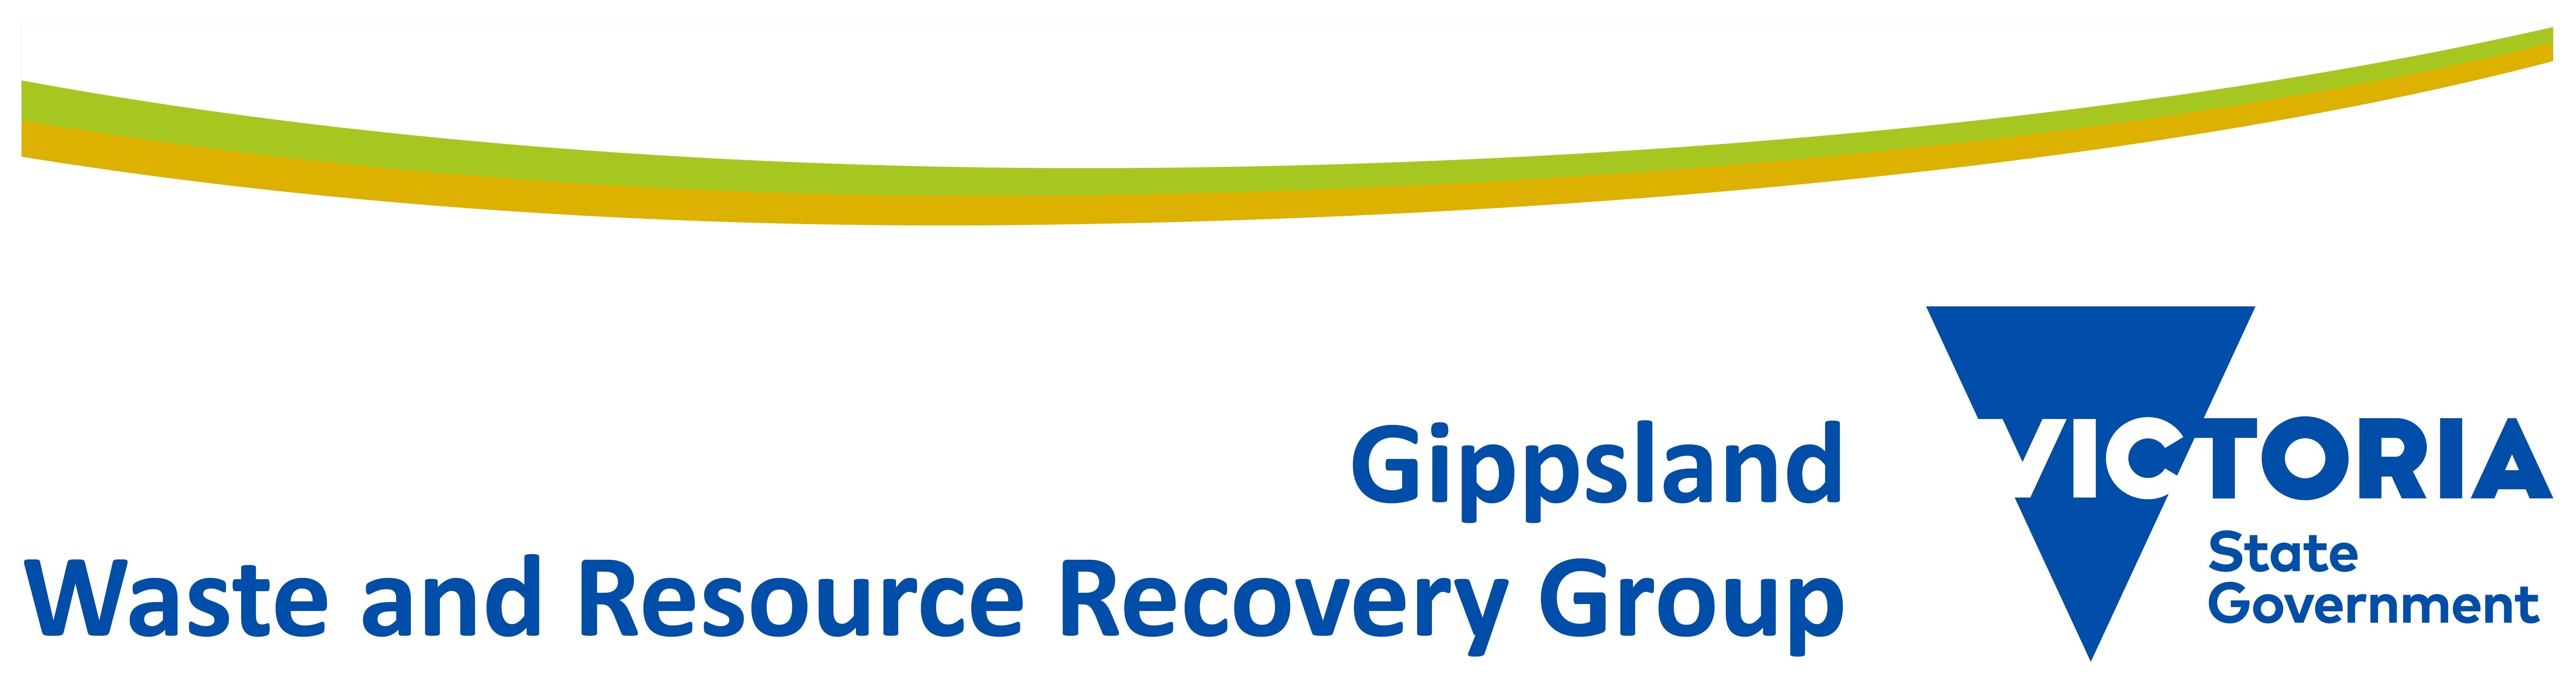 GWRRG logo